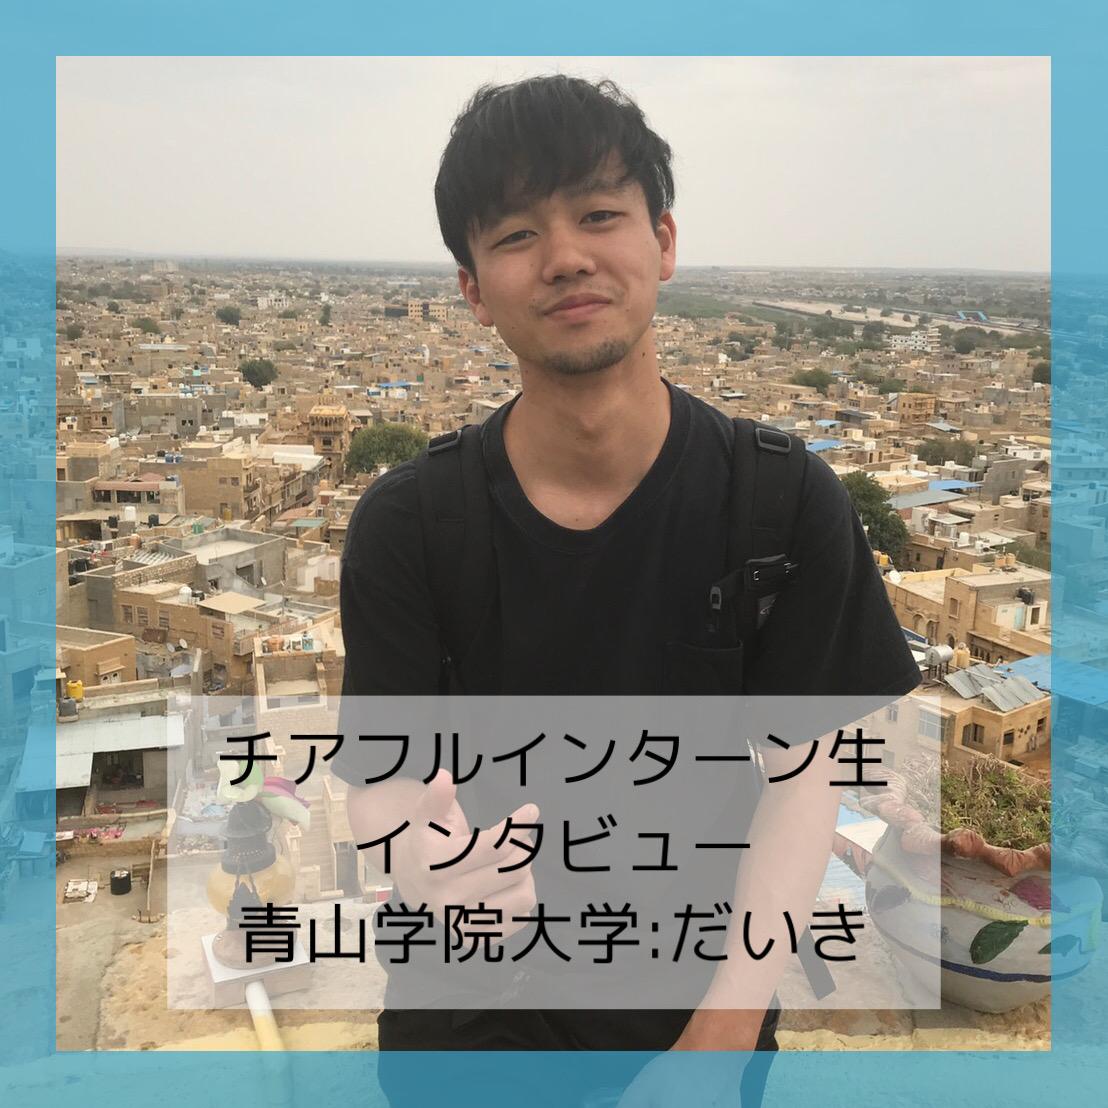 【東京21卒:青山学院大学】自分の美点にも欠点にも気付けて、それを行動に変えるから成長できる。